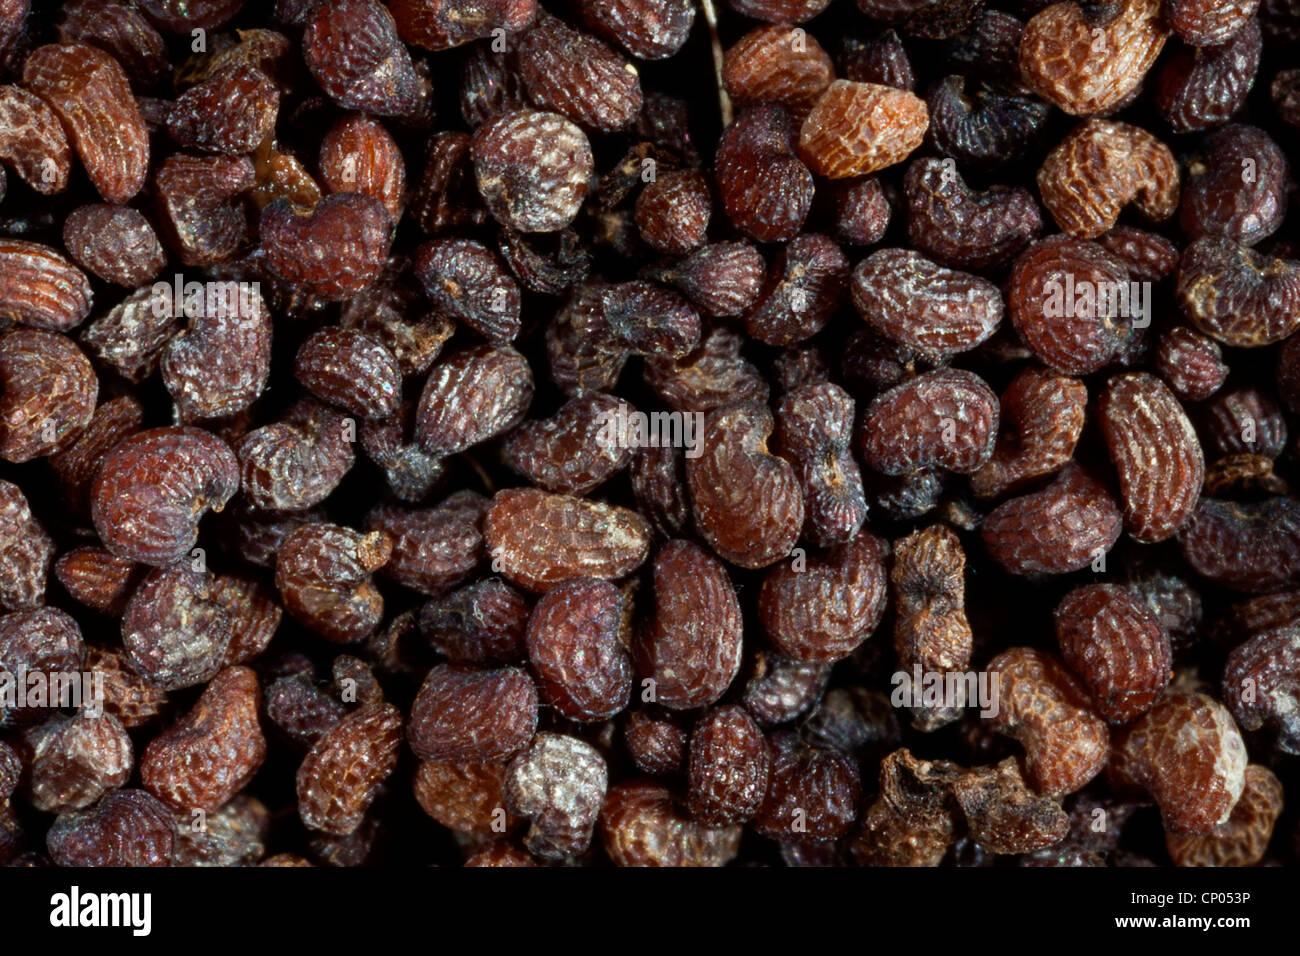 Le pavot (Papaver spec.), les graines d'un coquelicot Photo Stock